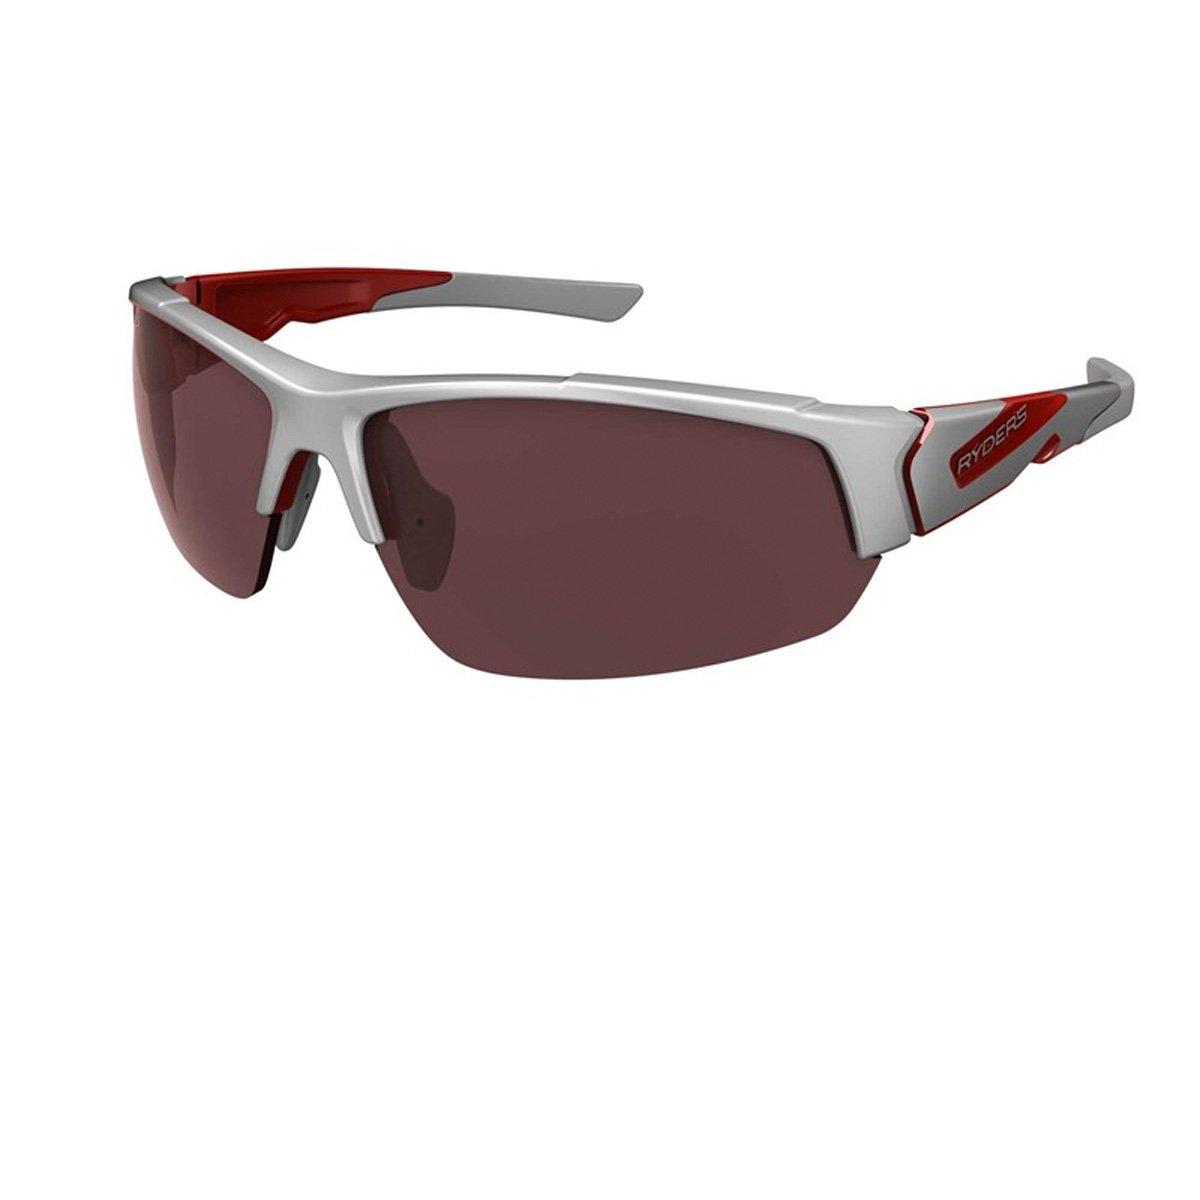 芸能人愛用 Ryders Eyewear/ Strider velopolar Ryders Antifogサングラス B0716RNQ76 WHITE-RED LENS/ ROSE LENS ANTI-FOG, フラダンス トーチジンジャー:ca56f386 --- arianechie.dominiotemporario.com